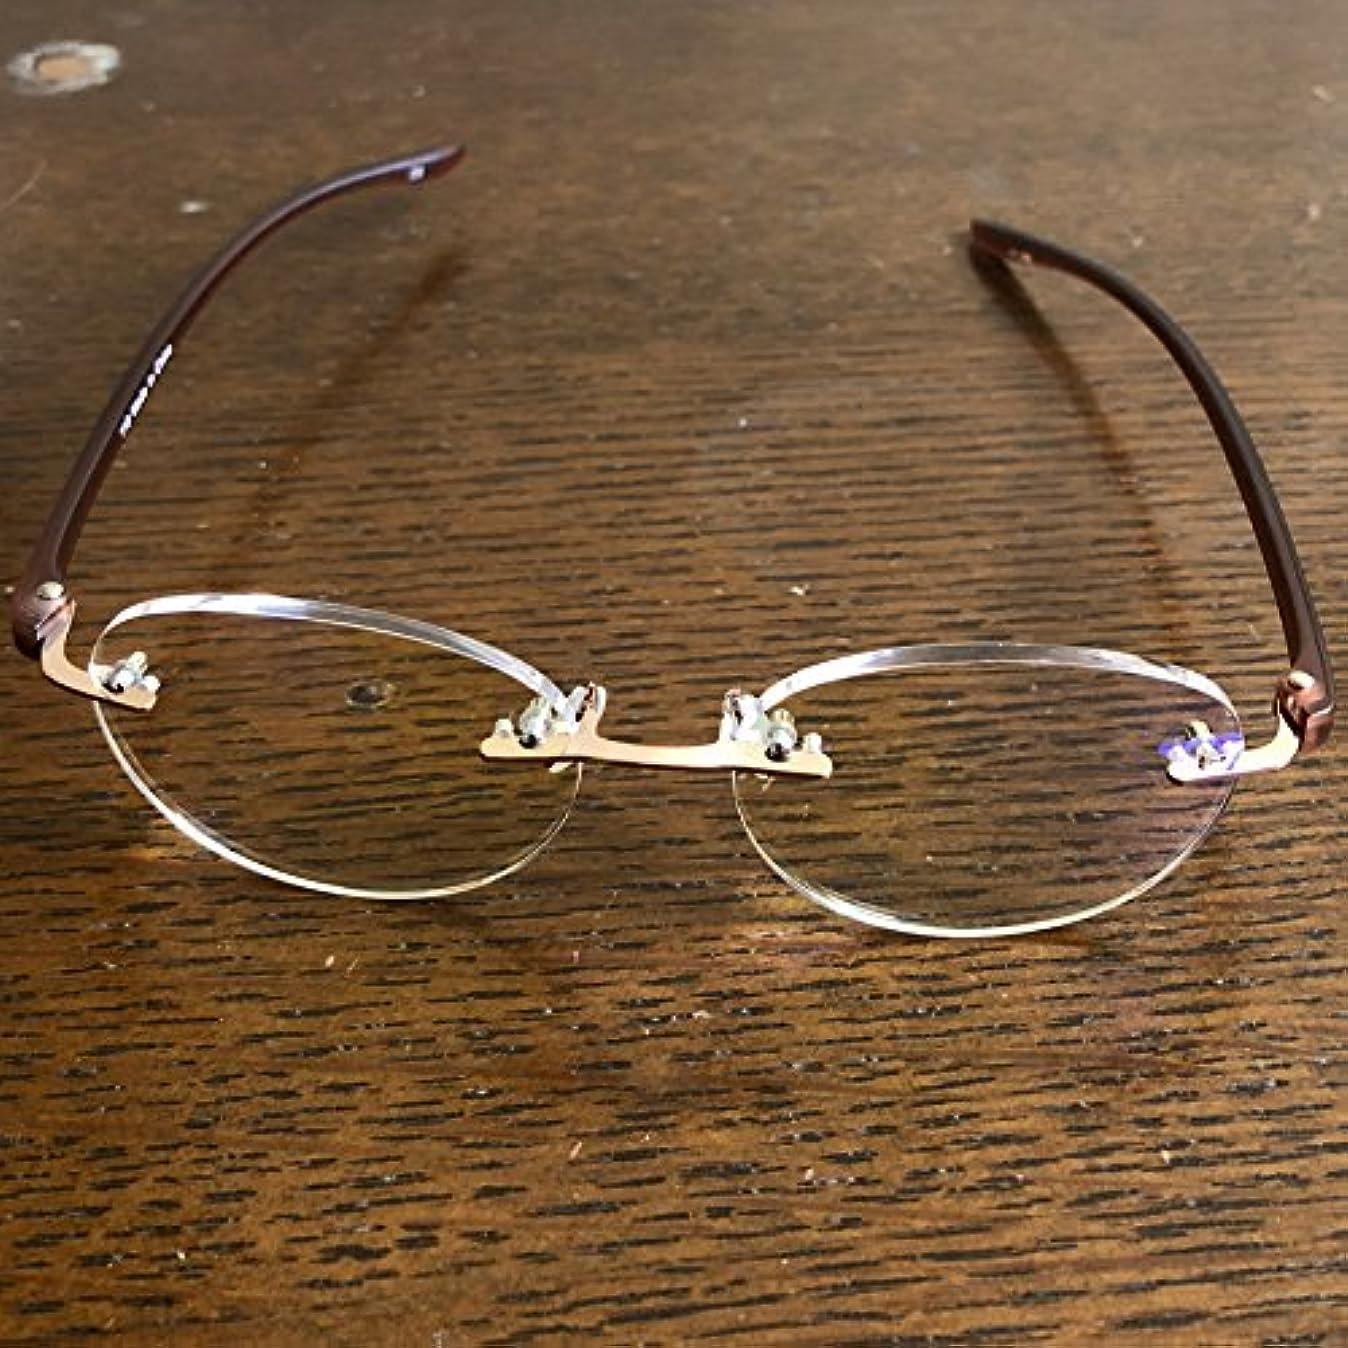 老眼鏡 シニアグラス Two Point ブルーライトカット 118 全2色 リーディンググラス 男性用 女性用 ブルーライトカット 35% ブラウン 度数 2.5